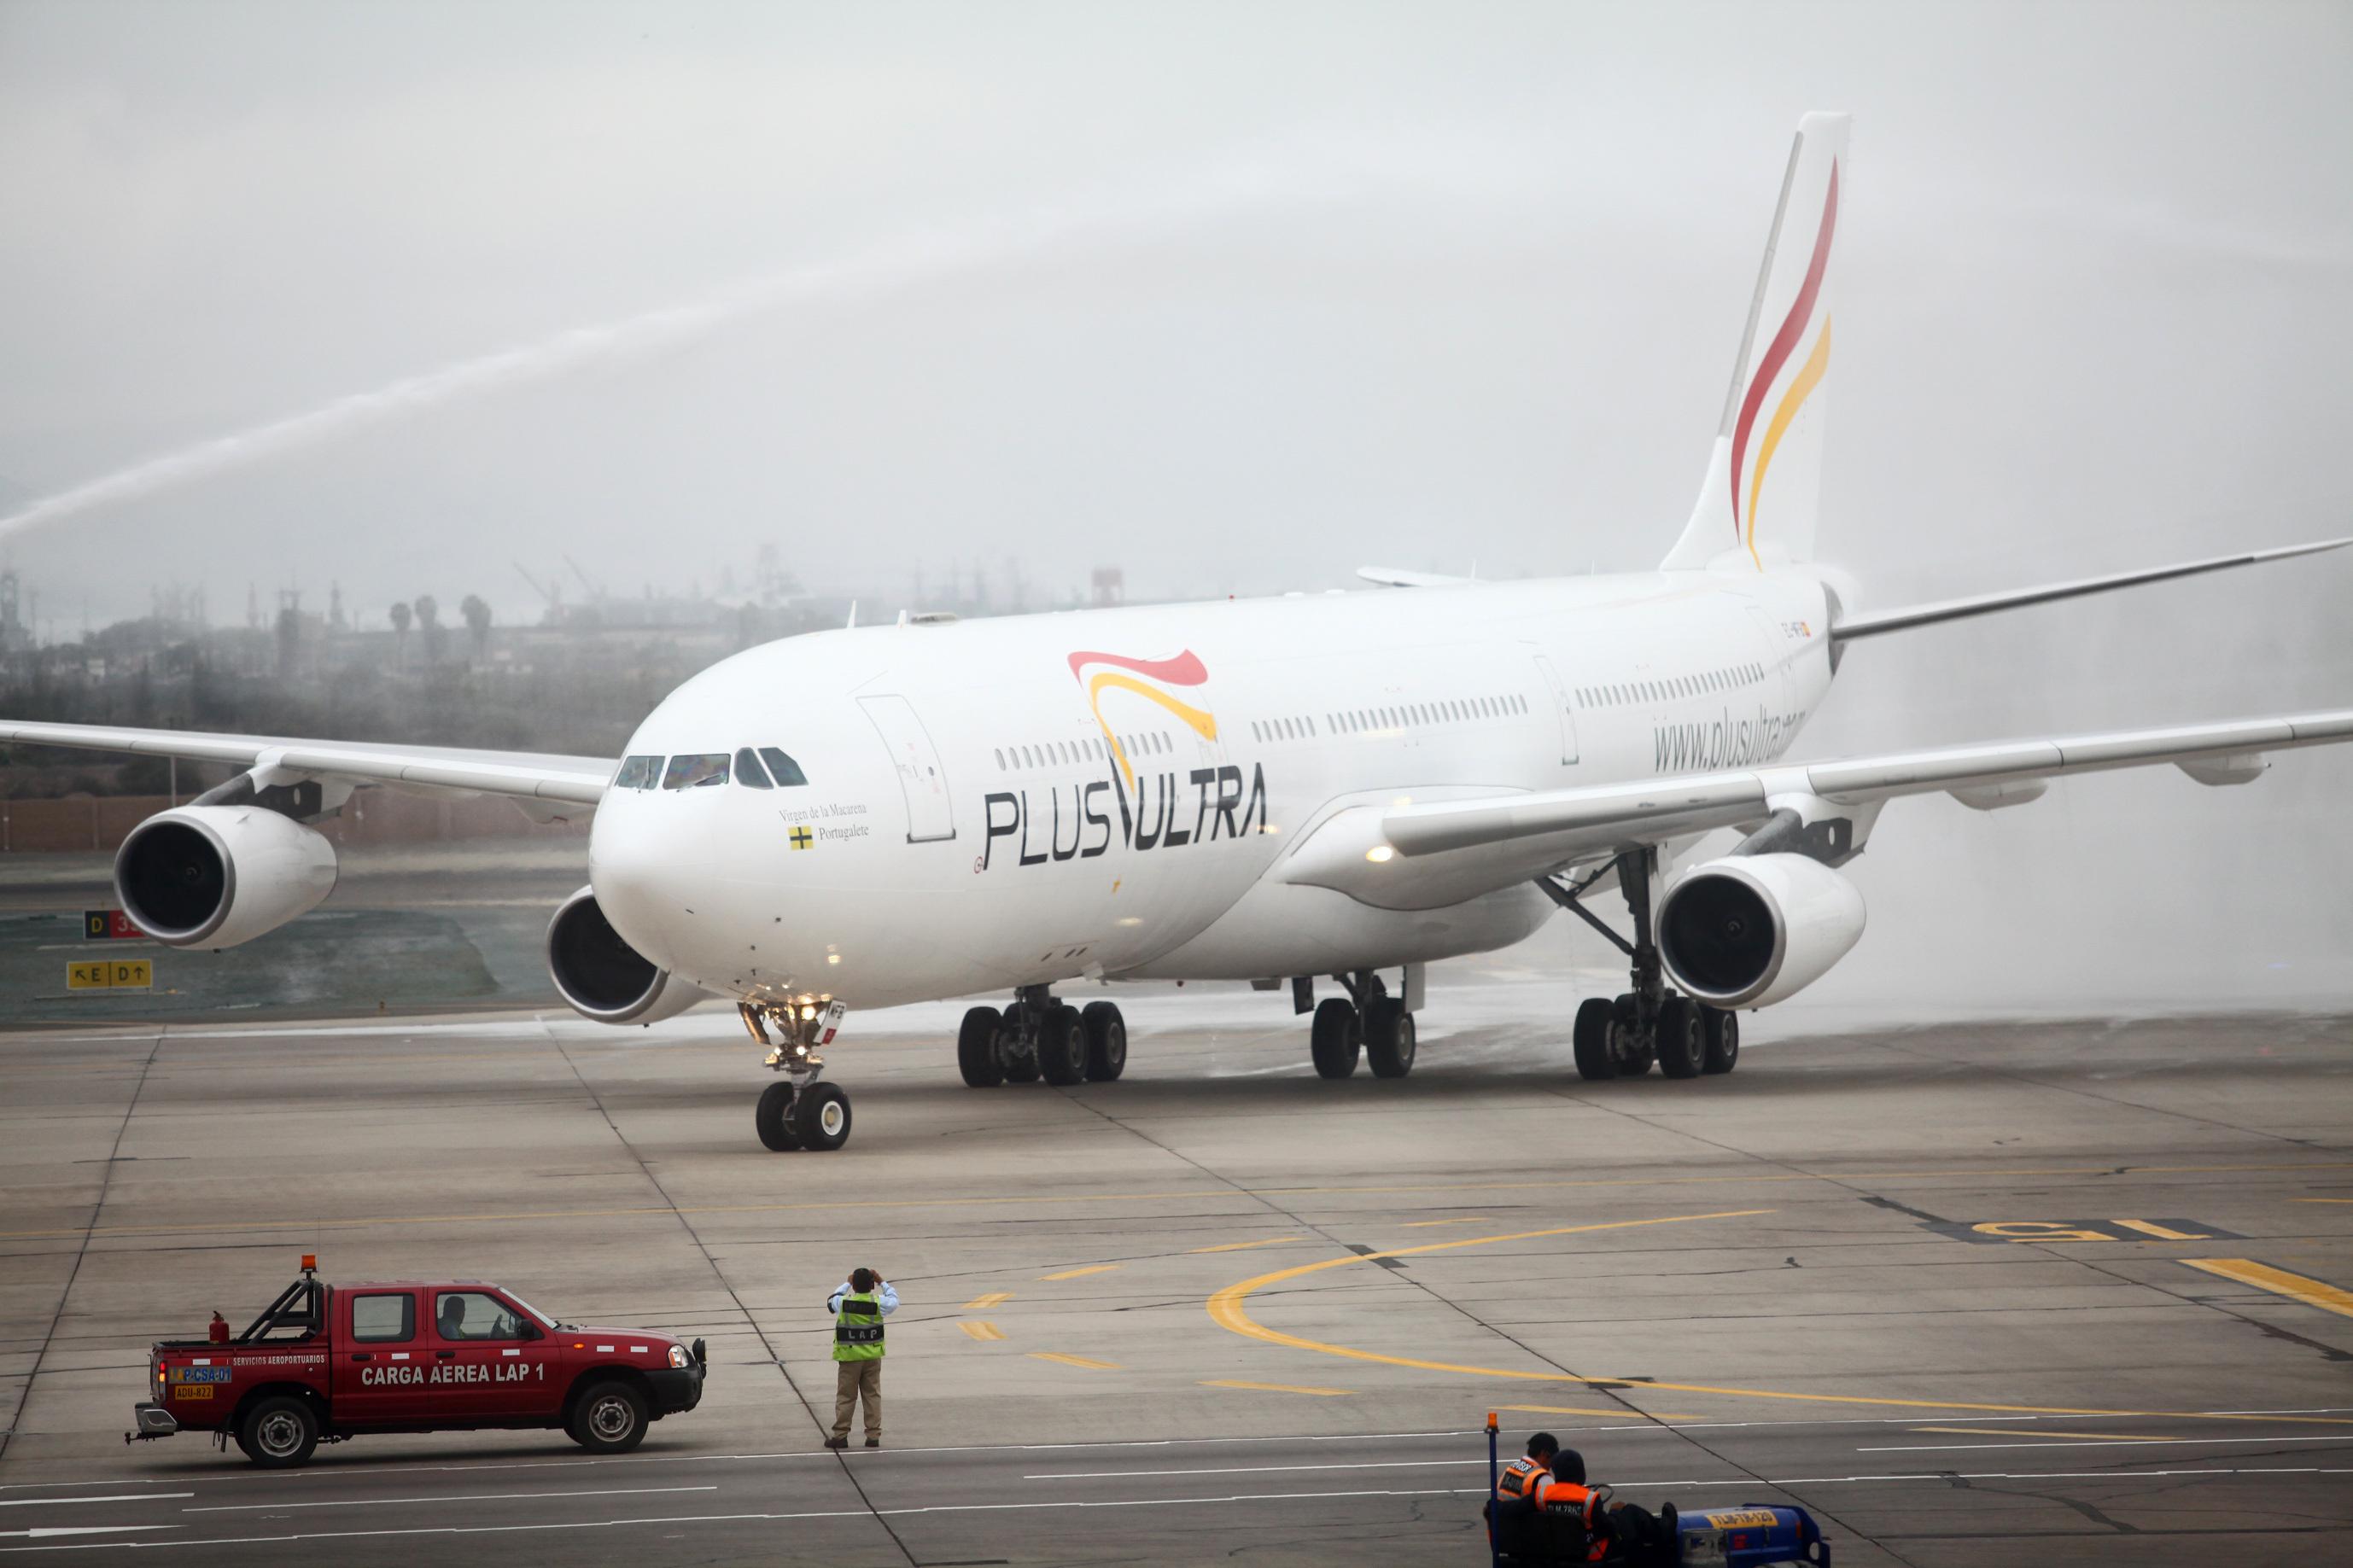 Un avión de la compañía Plus Ultra.